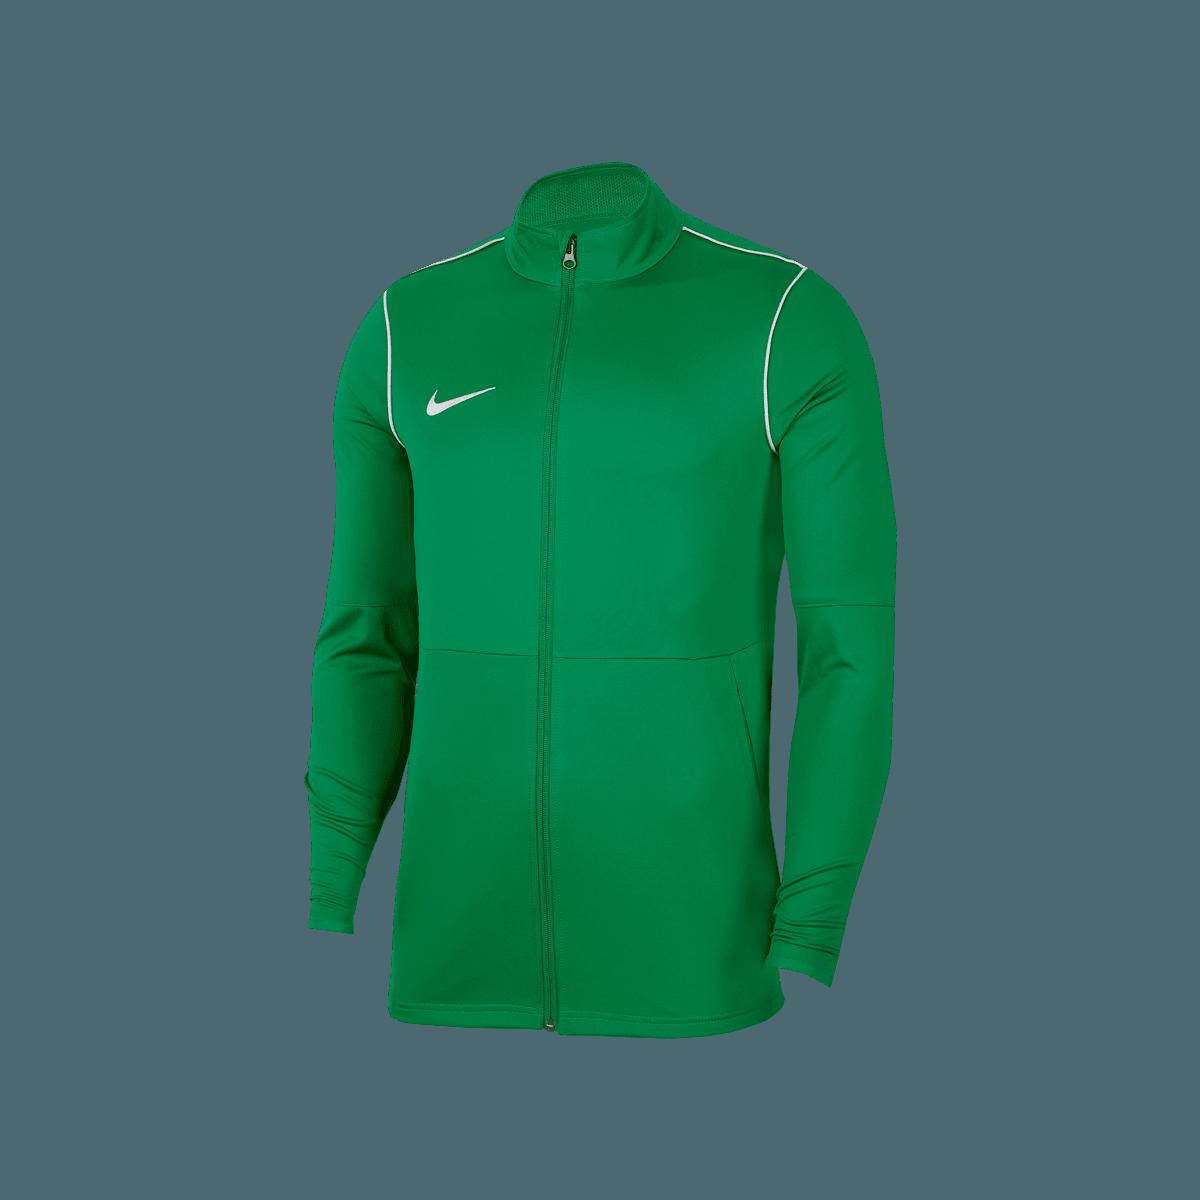 Nike Fußball Jacke